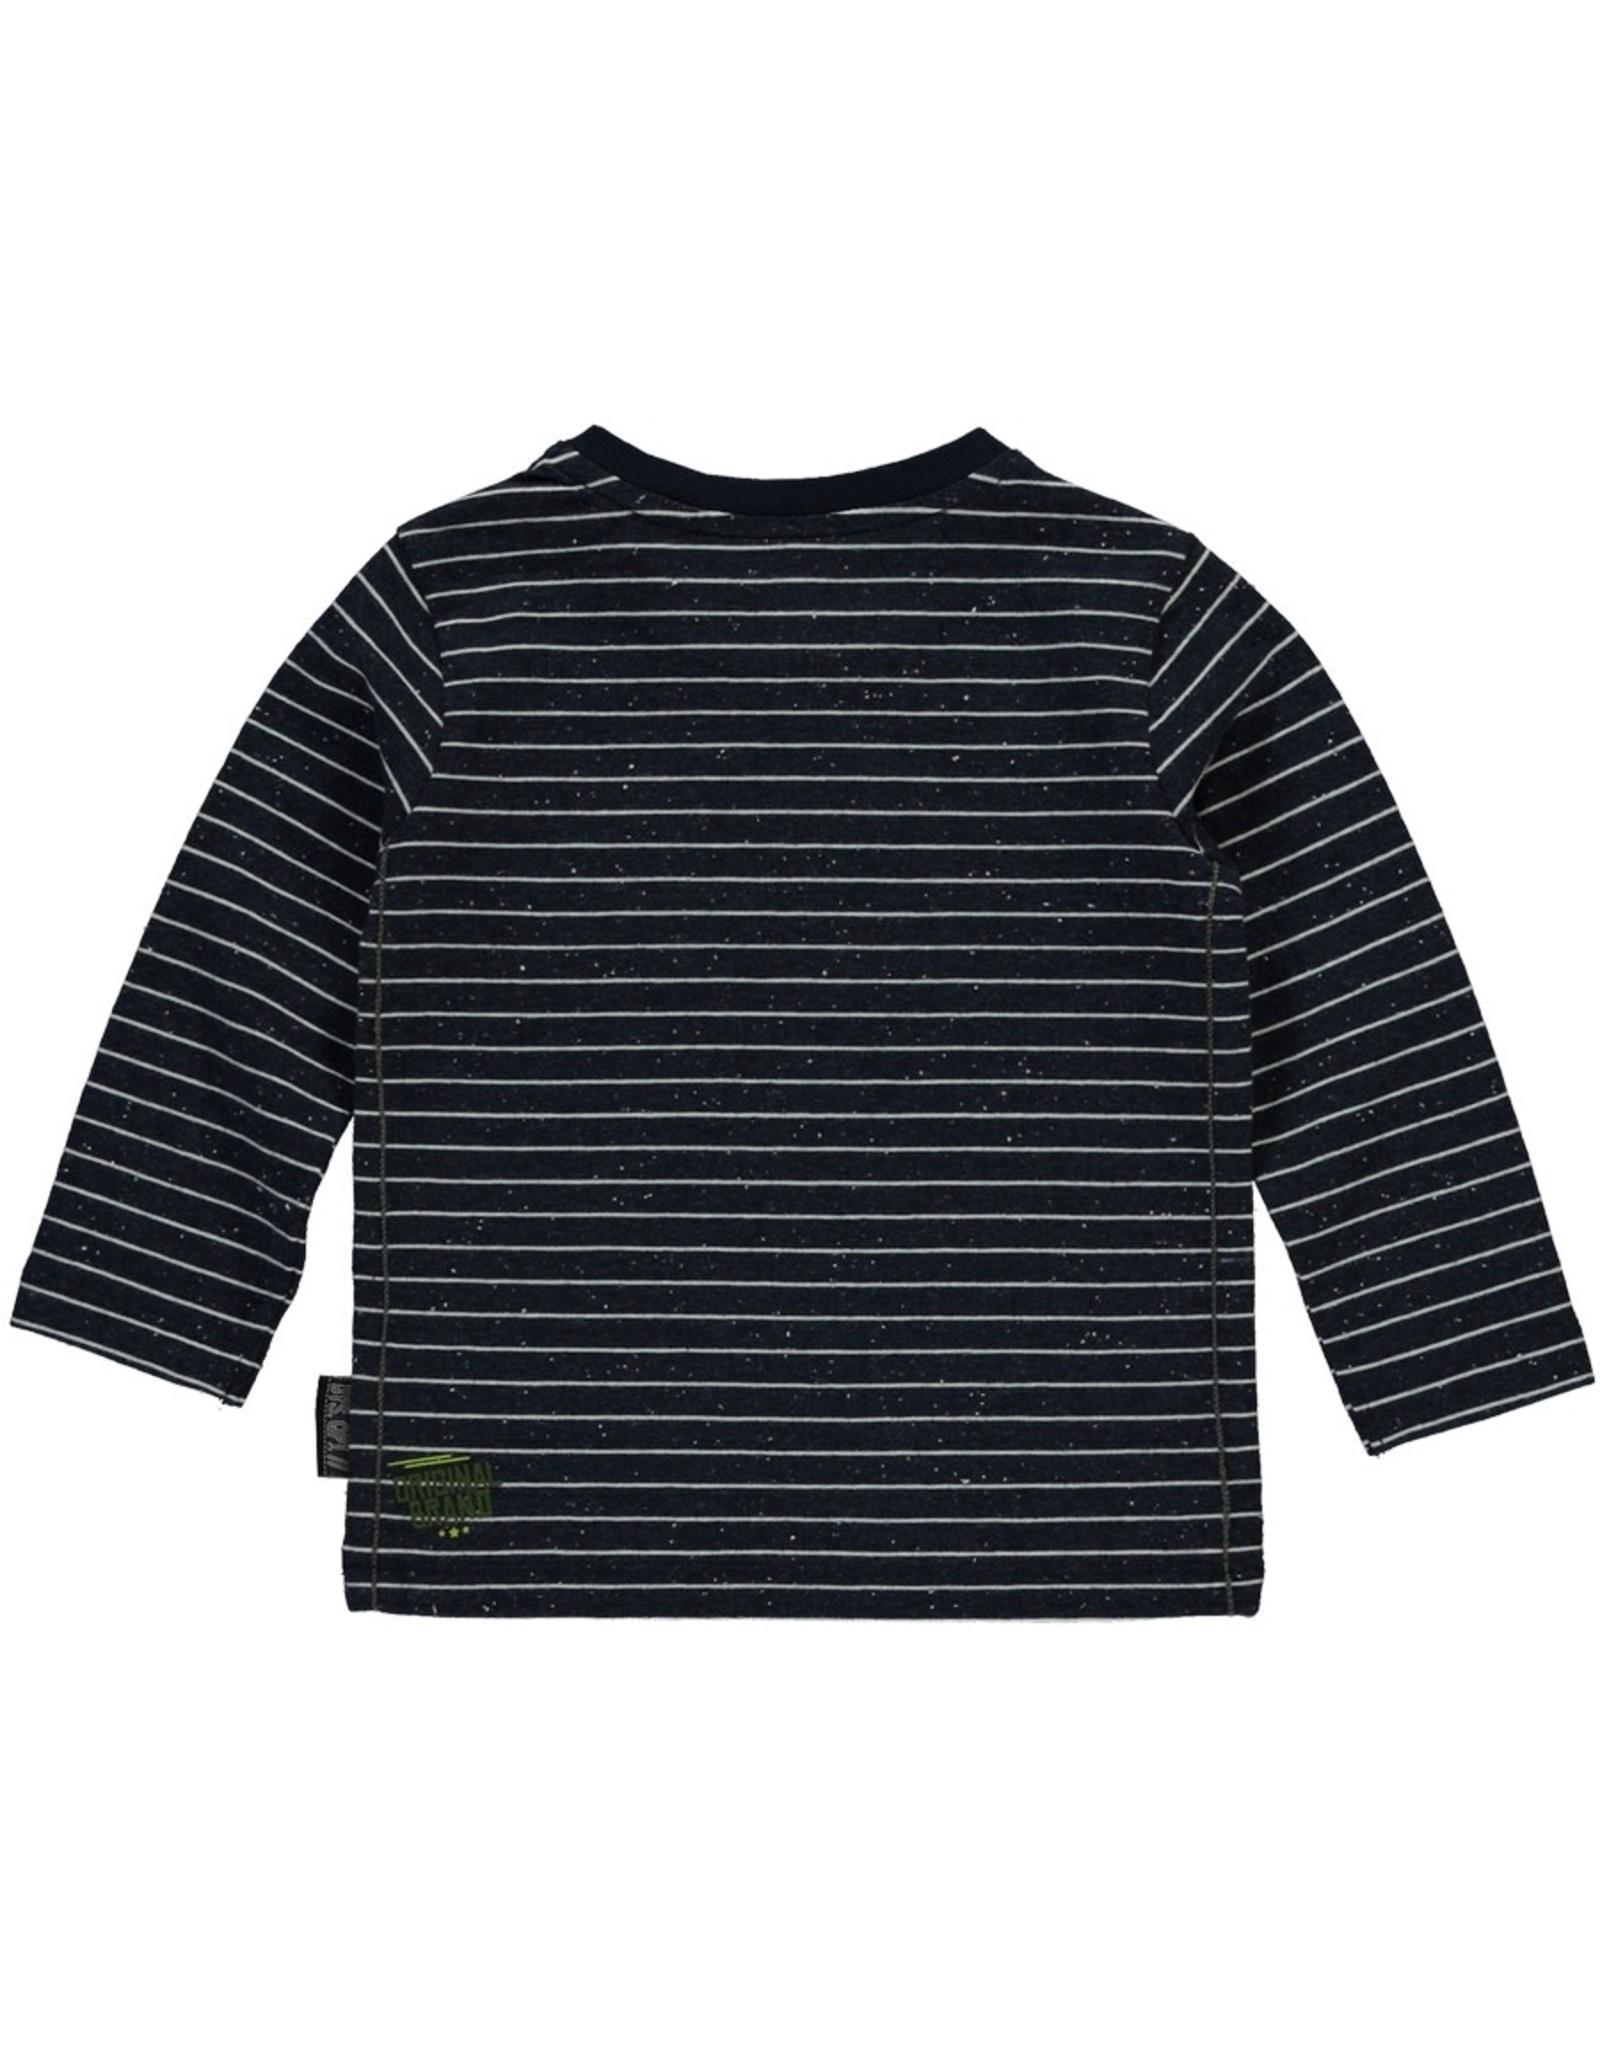 Quapi Quapi baby jongens shirt Vens